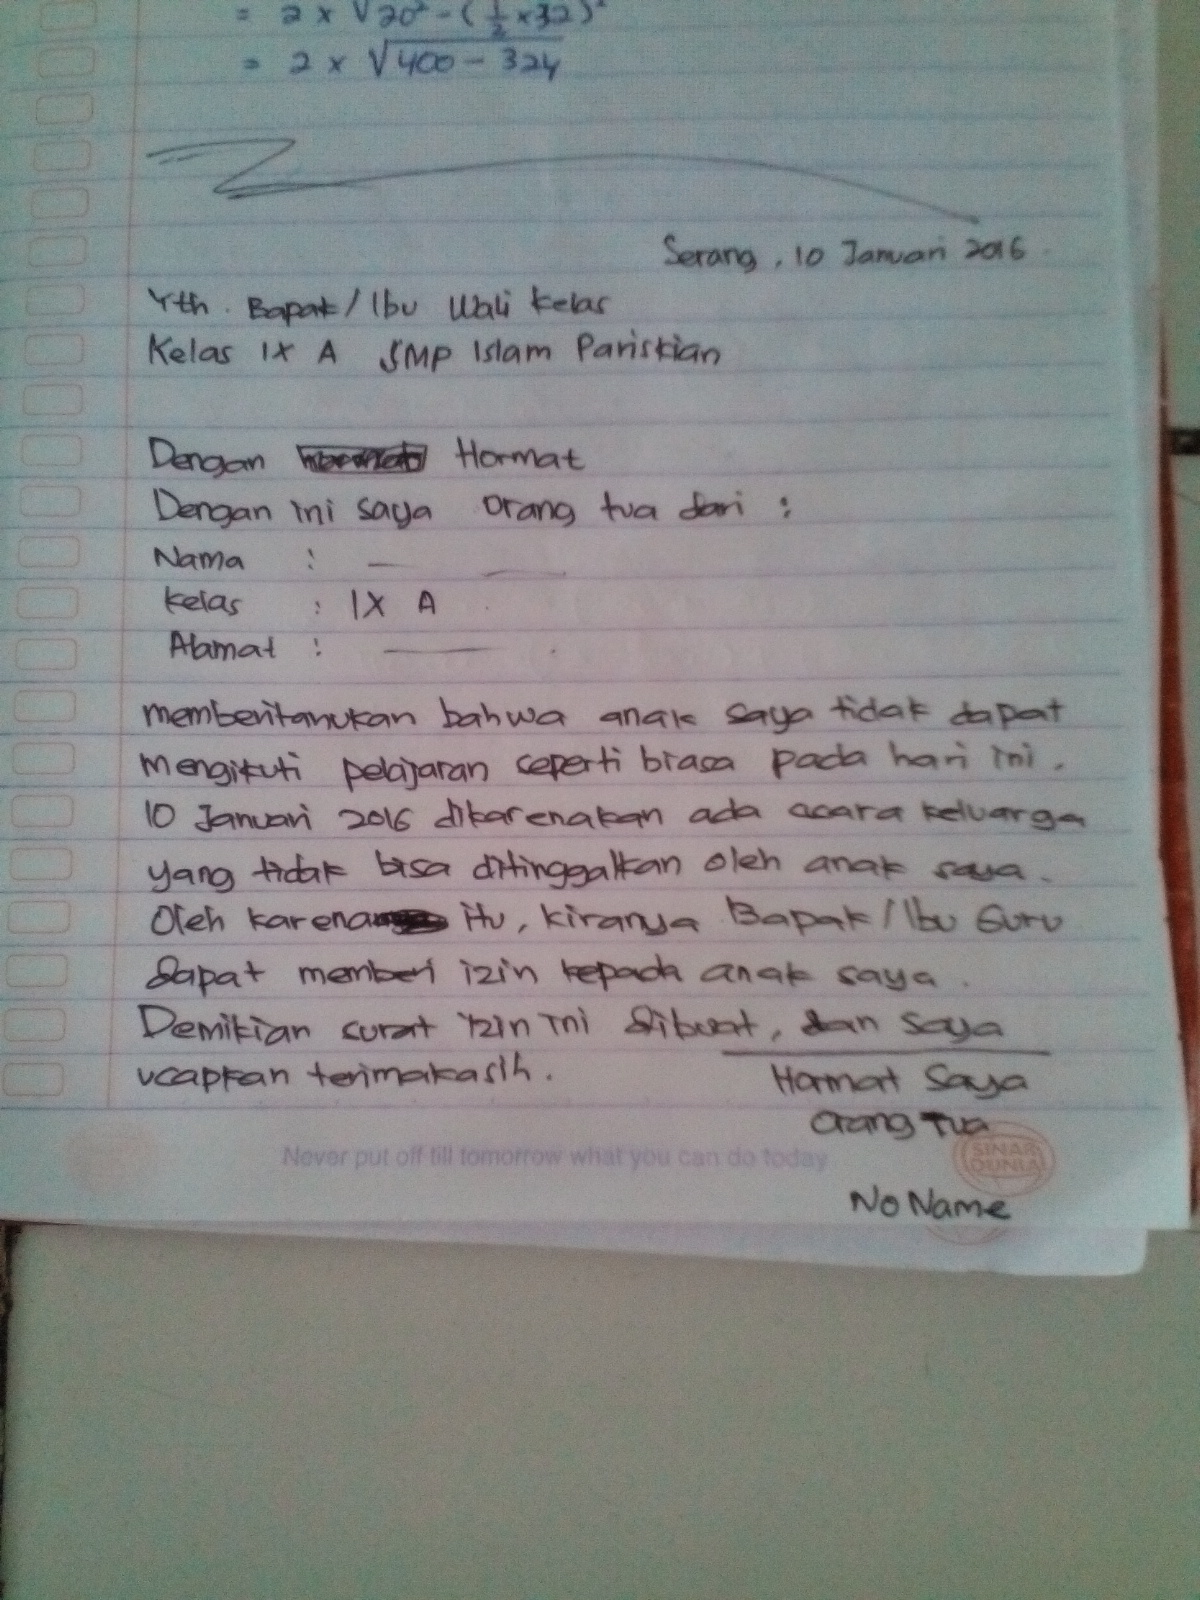 Tuliskan Contoh Surat Izin Tidak Masuk Sekolah Karena Ada